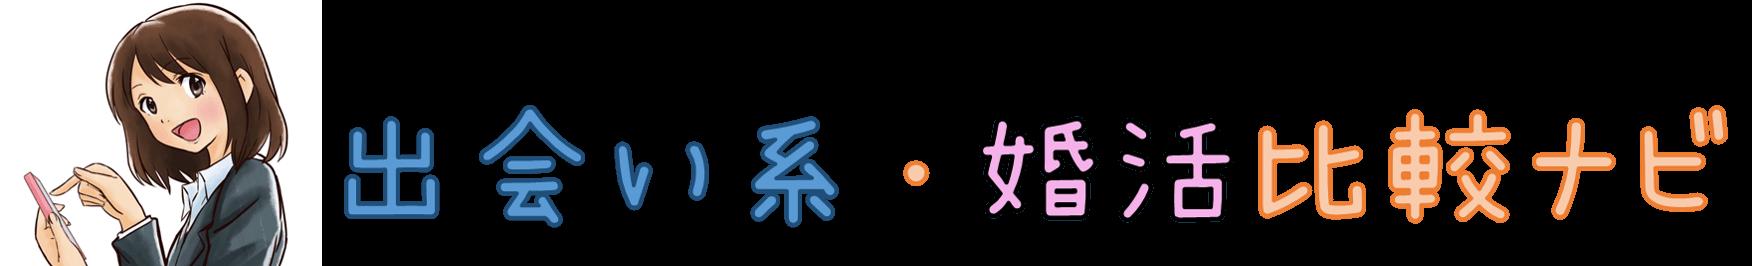 出会い系口コミ比較サイト-恋活・婚活・セフレ探しならこれ!